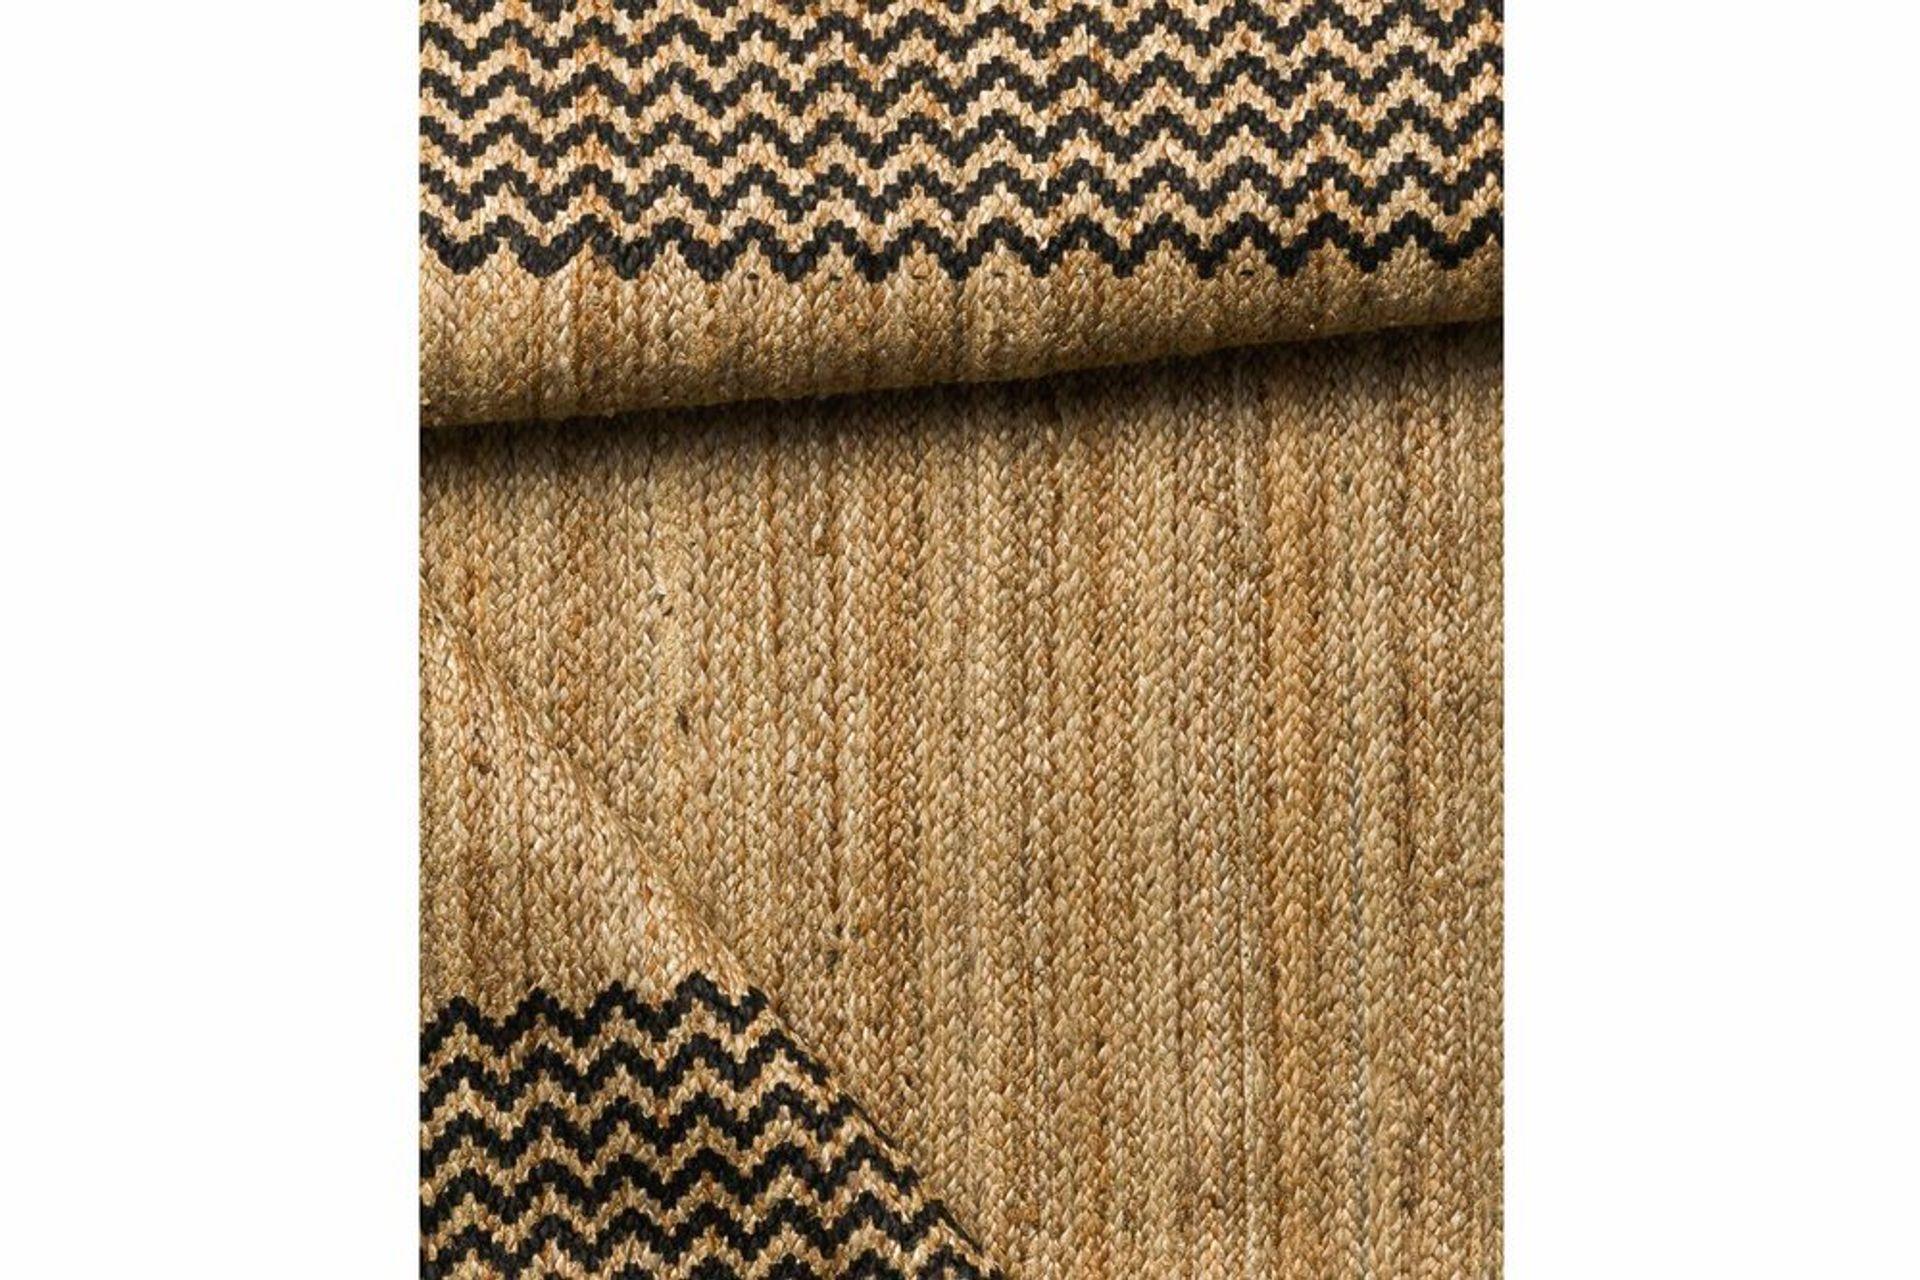 Rosa Block Print Jute rug, 160 x 240, Natural